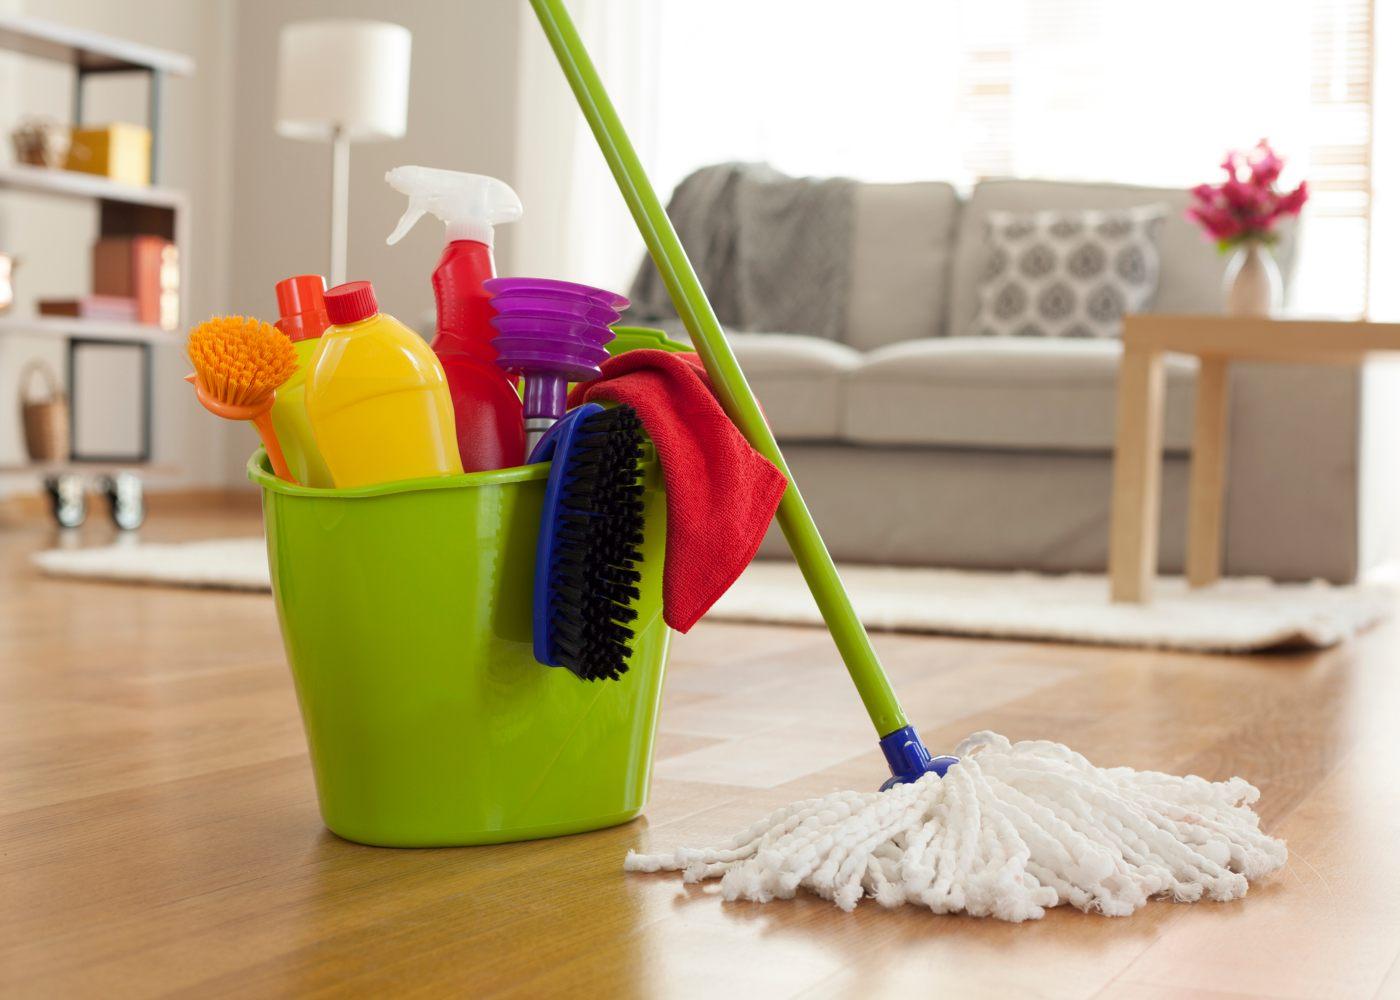 balde com itens de limpeza para tornar a casa menos tóxica